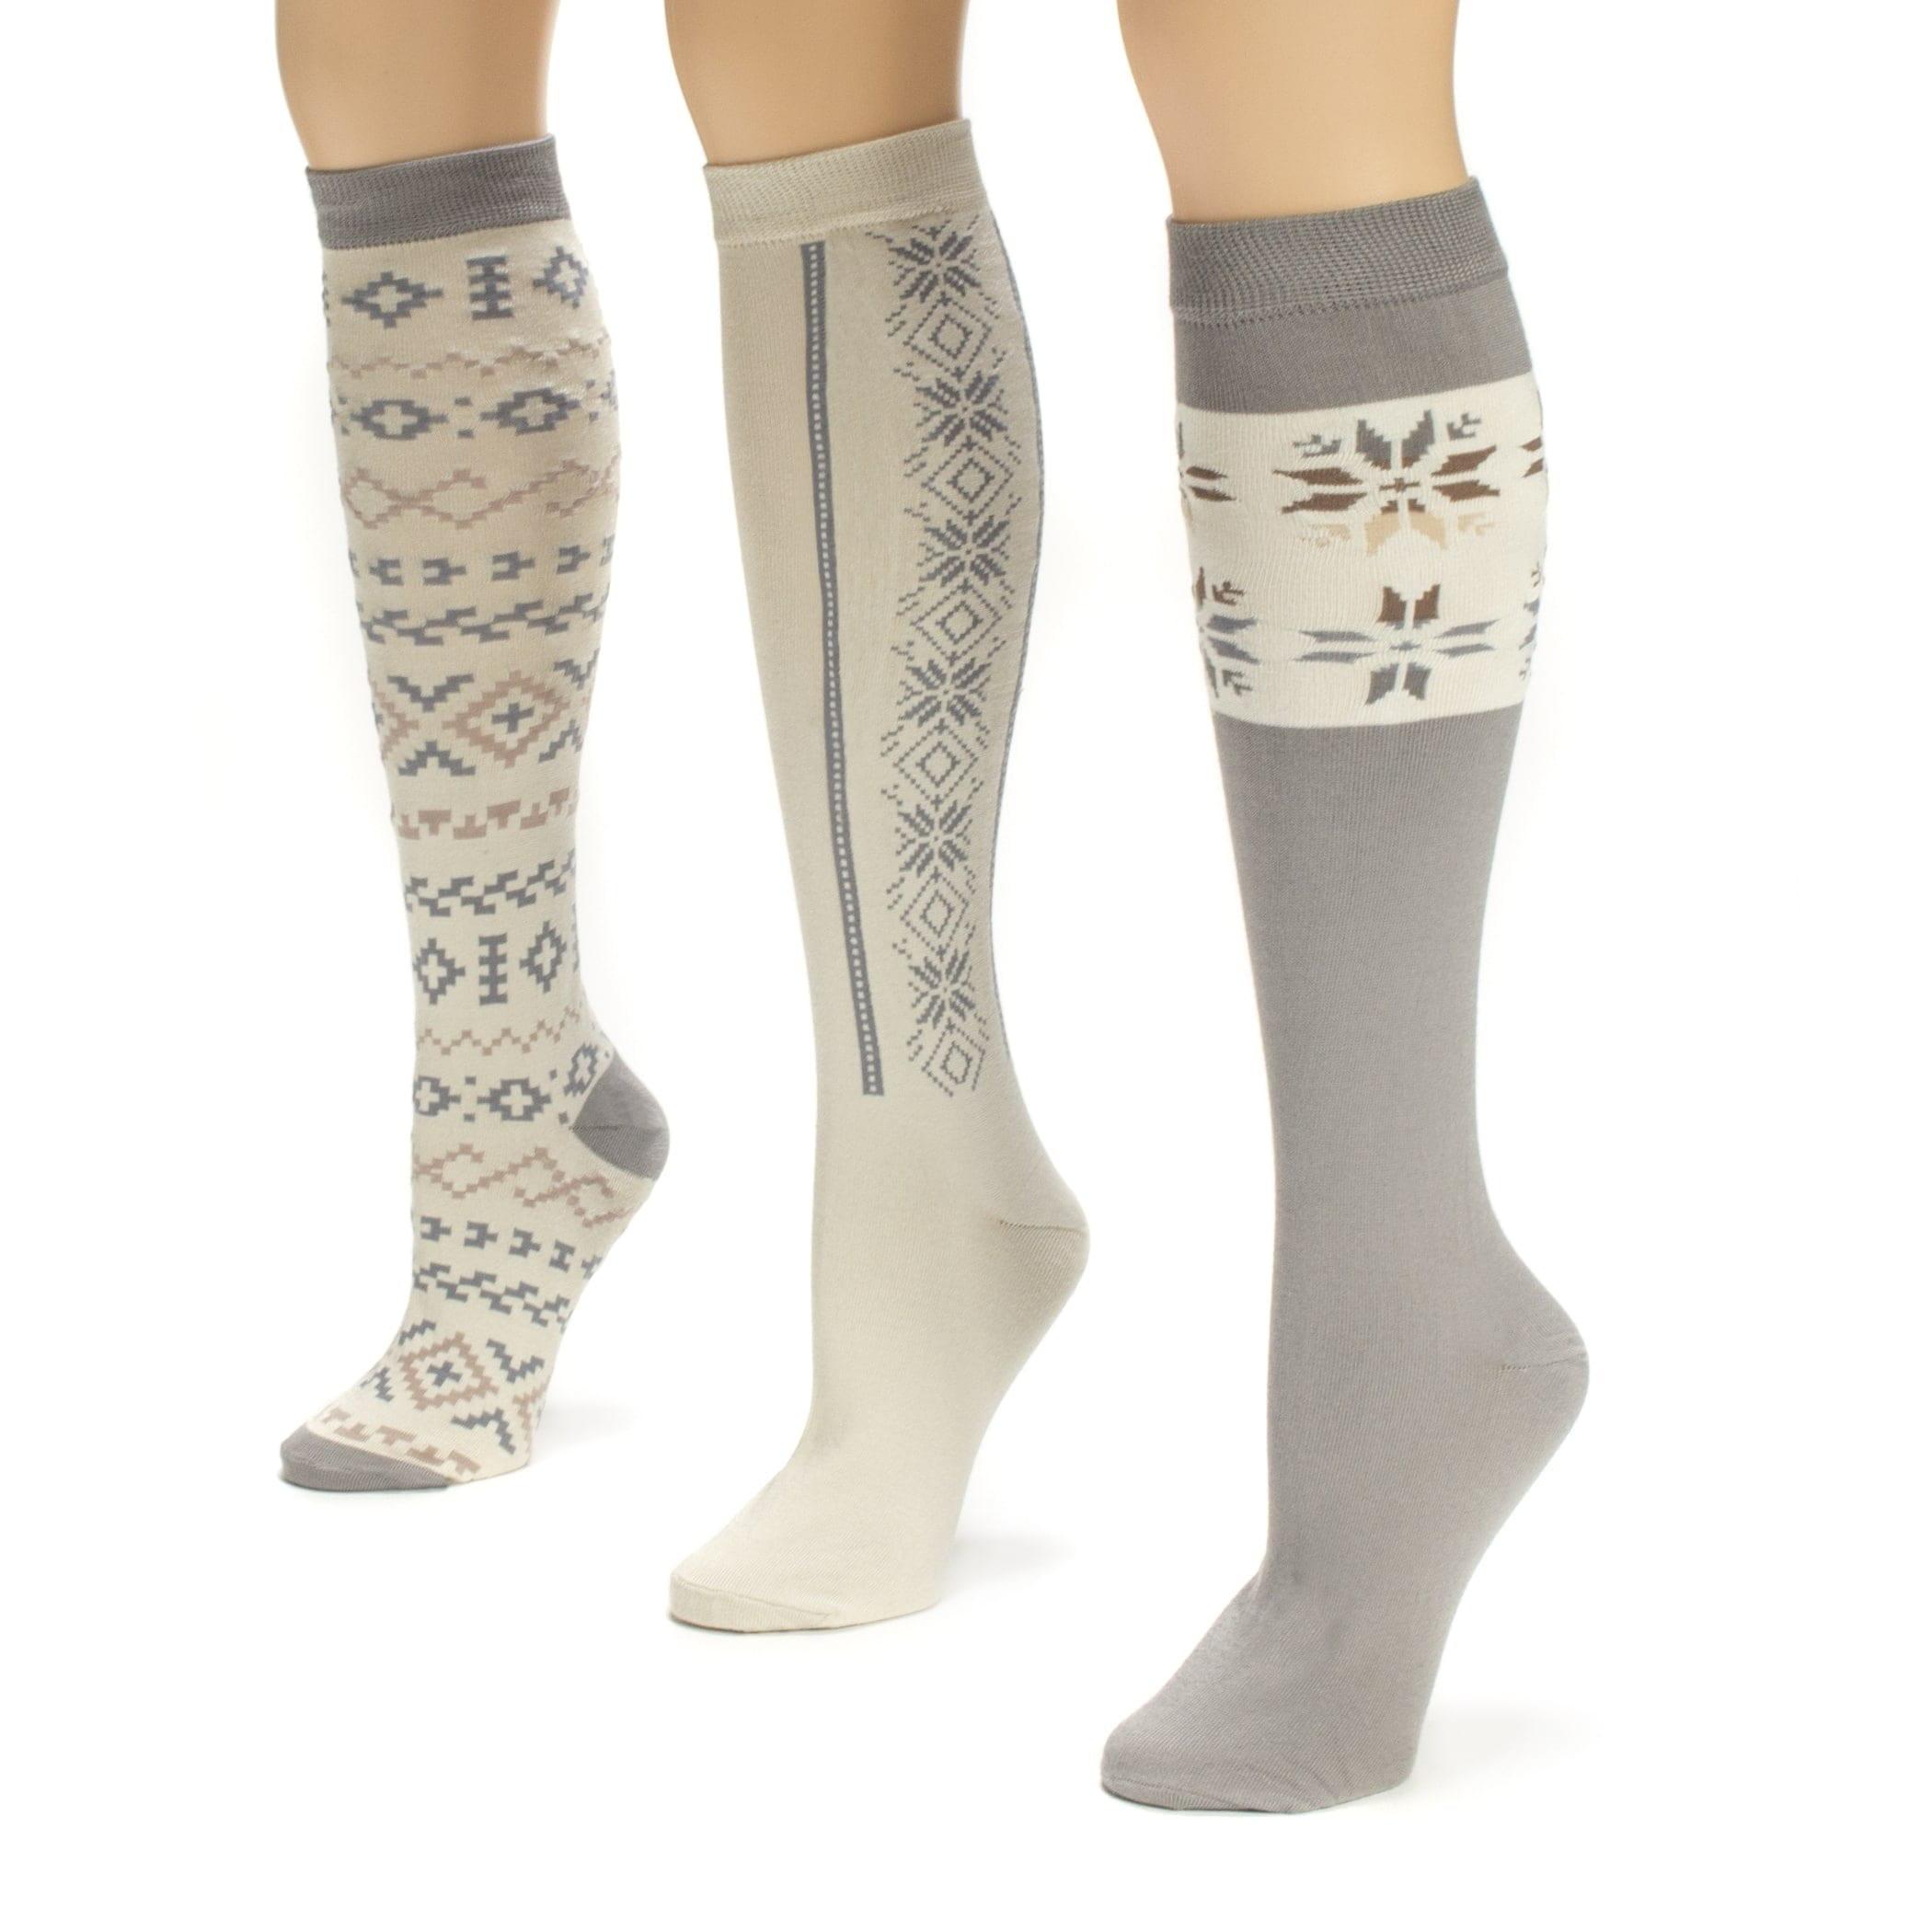 Women's Winter White Knee High Socks (3 Pair)